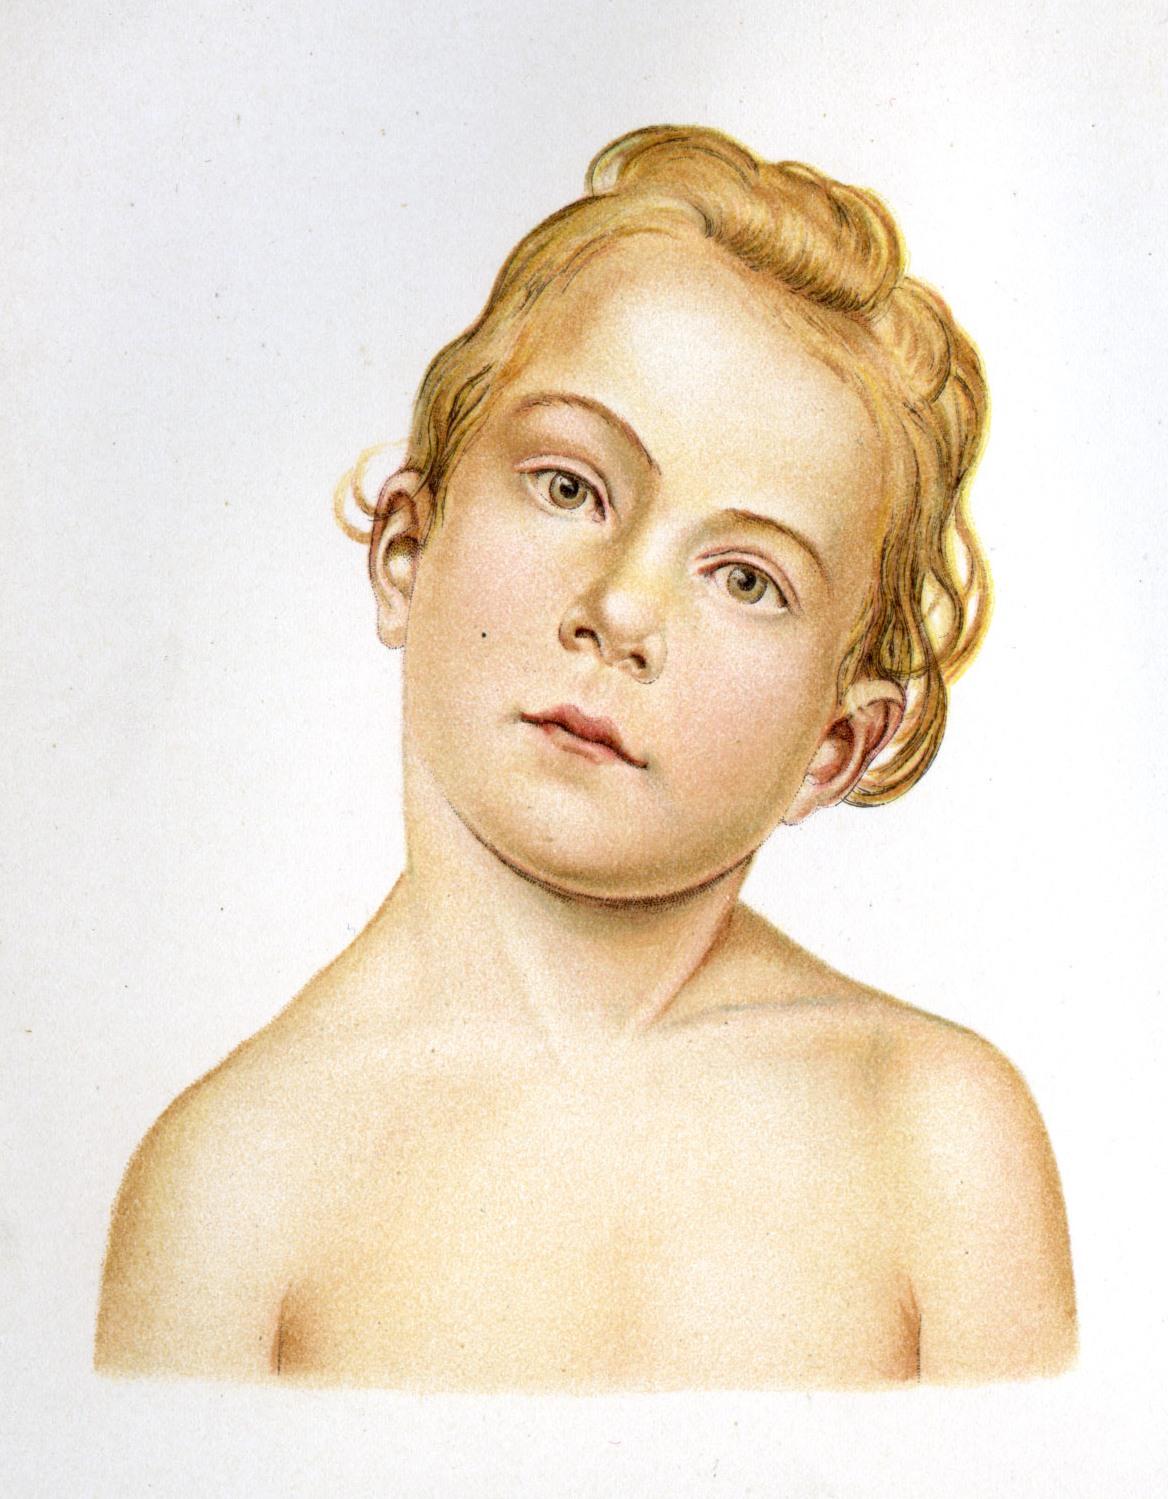 осложнения кривошеи у детей